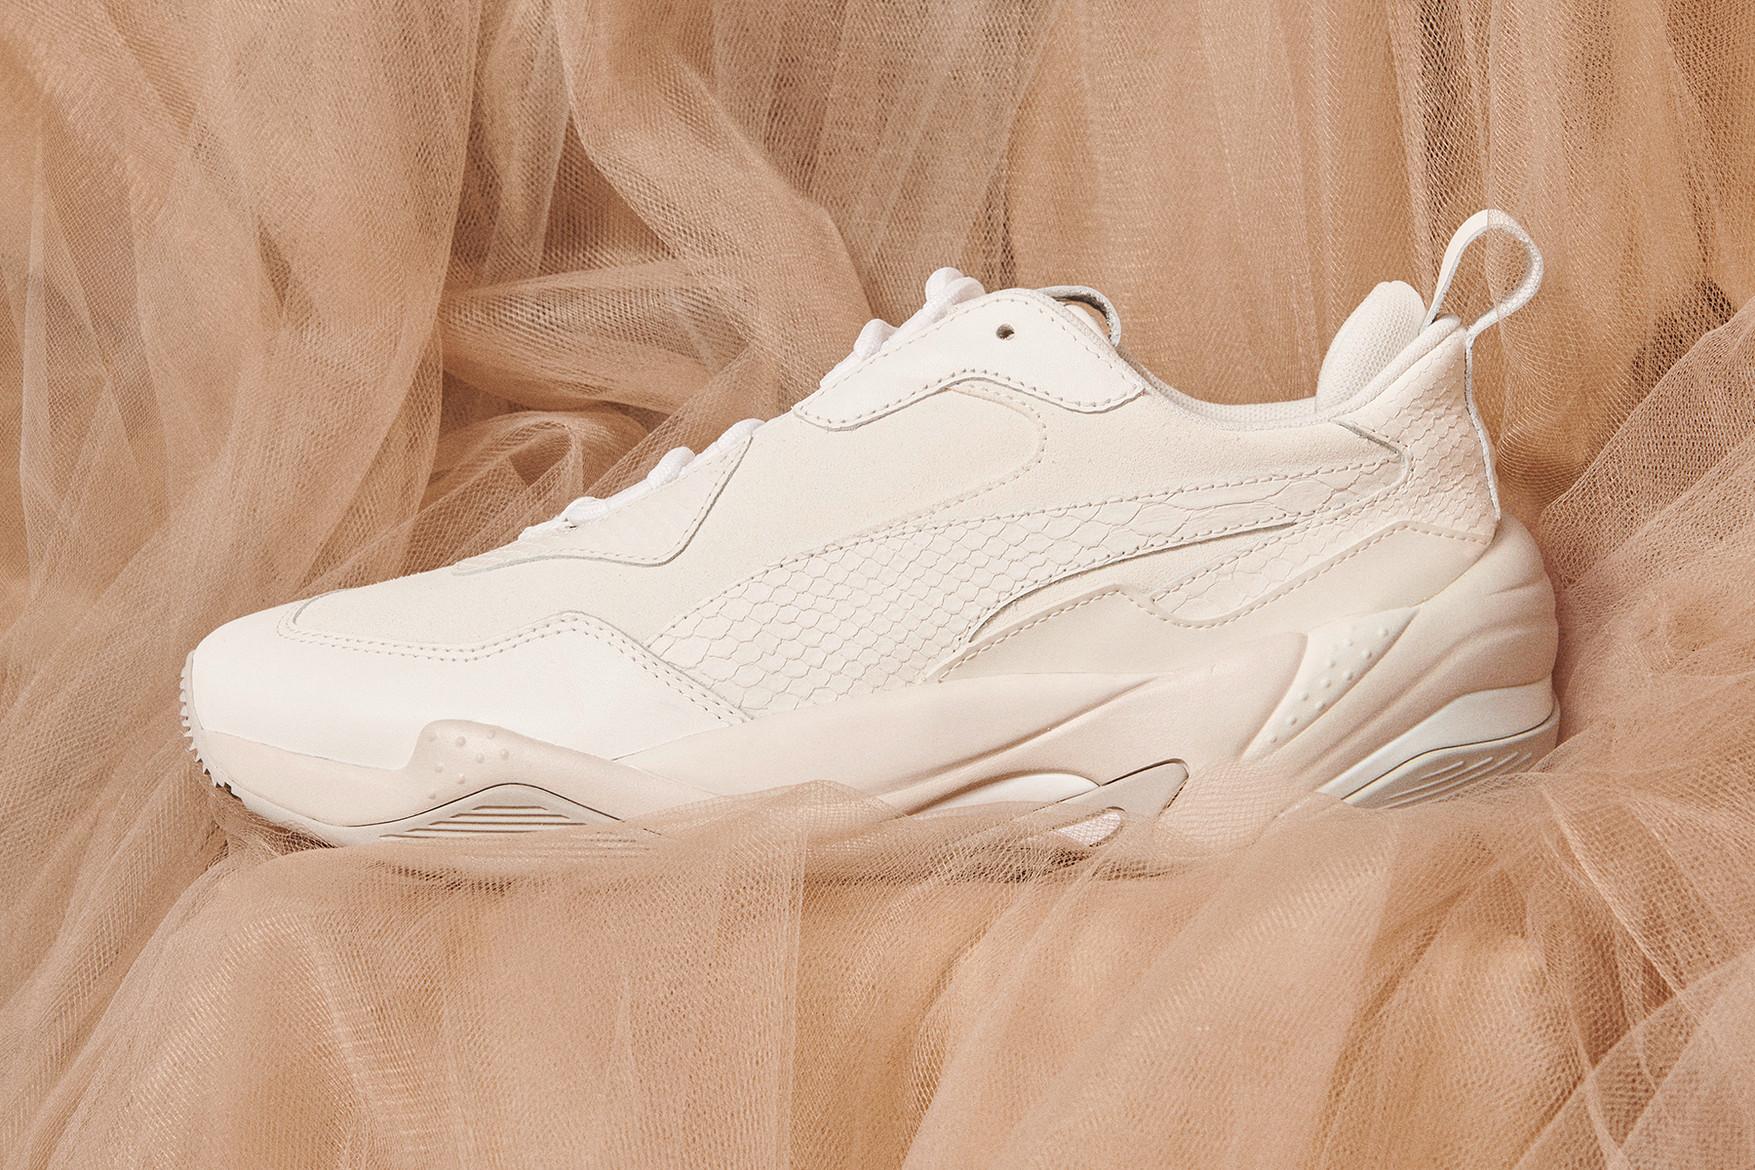 puma-thunder-desert-white-release-009